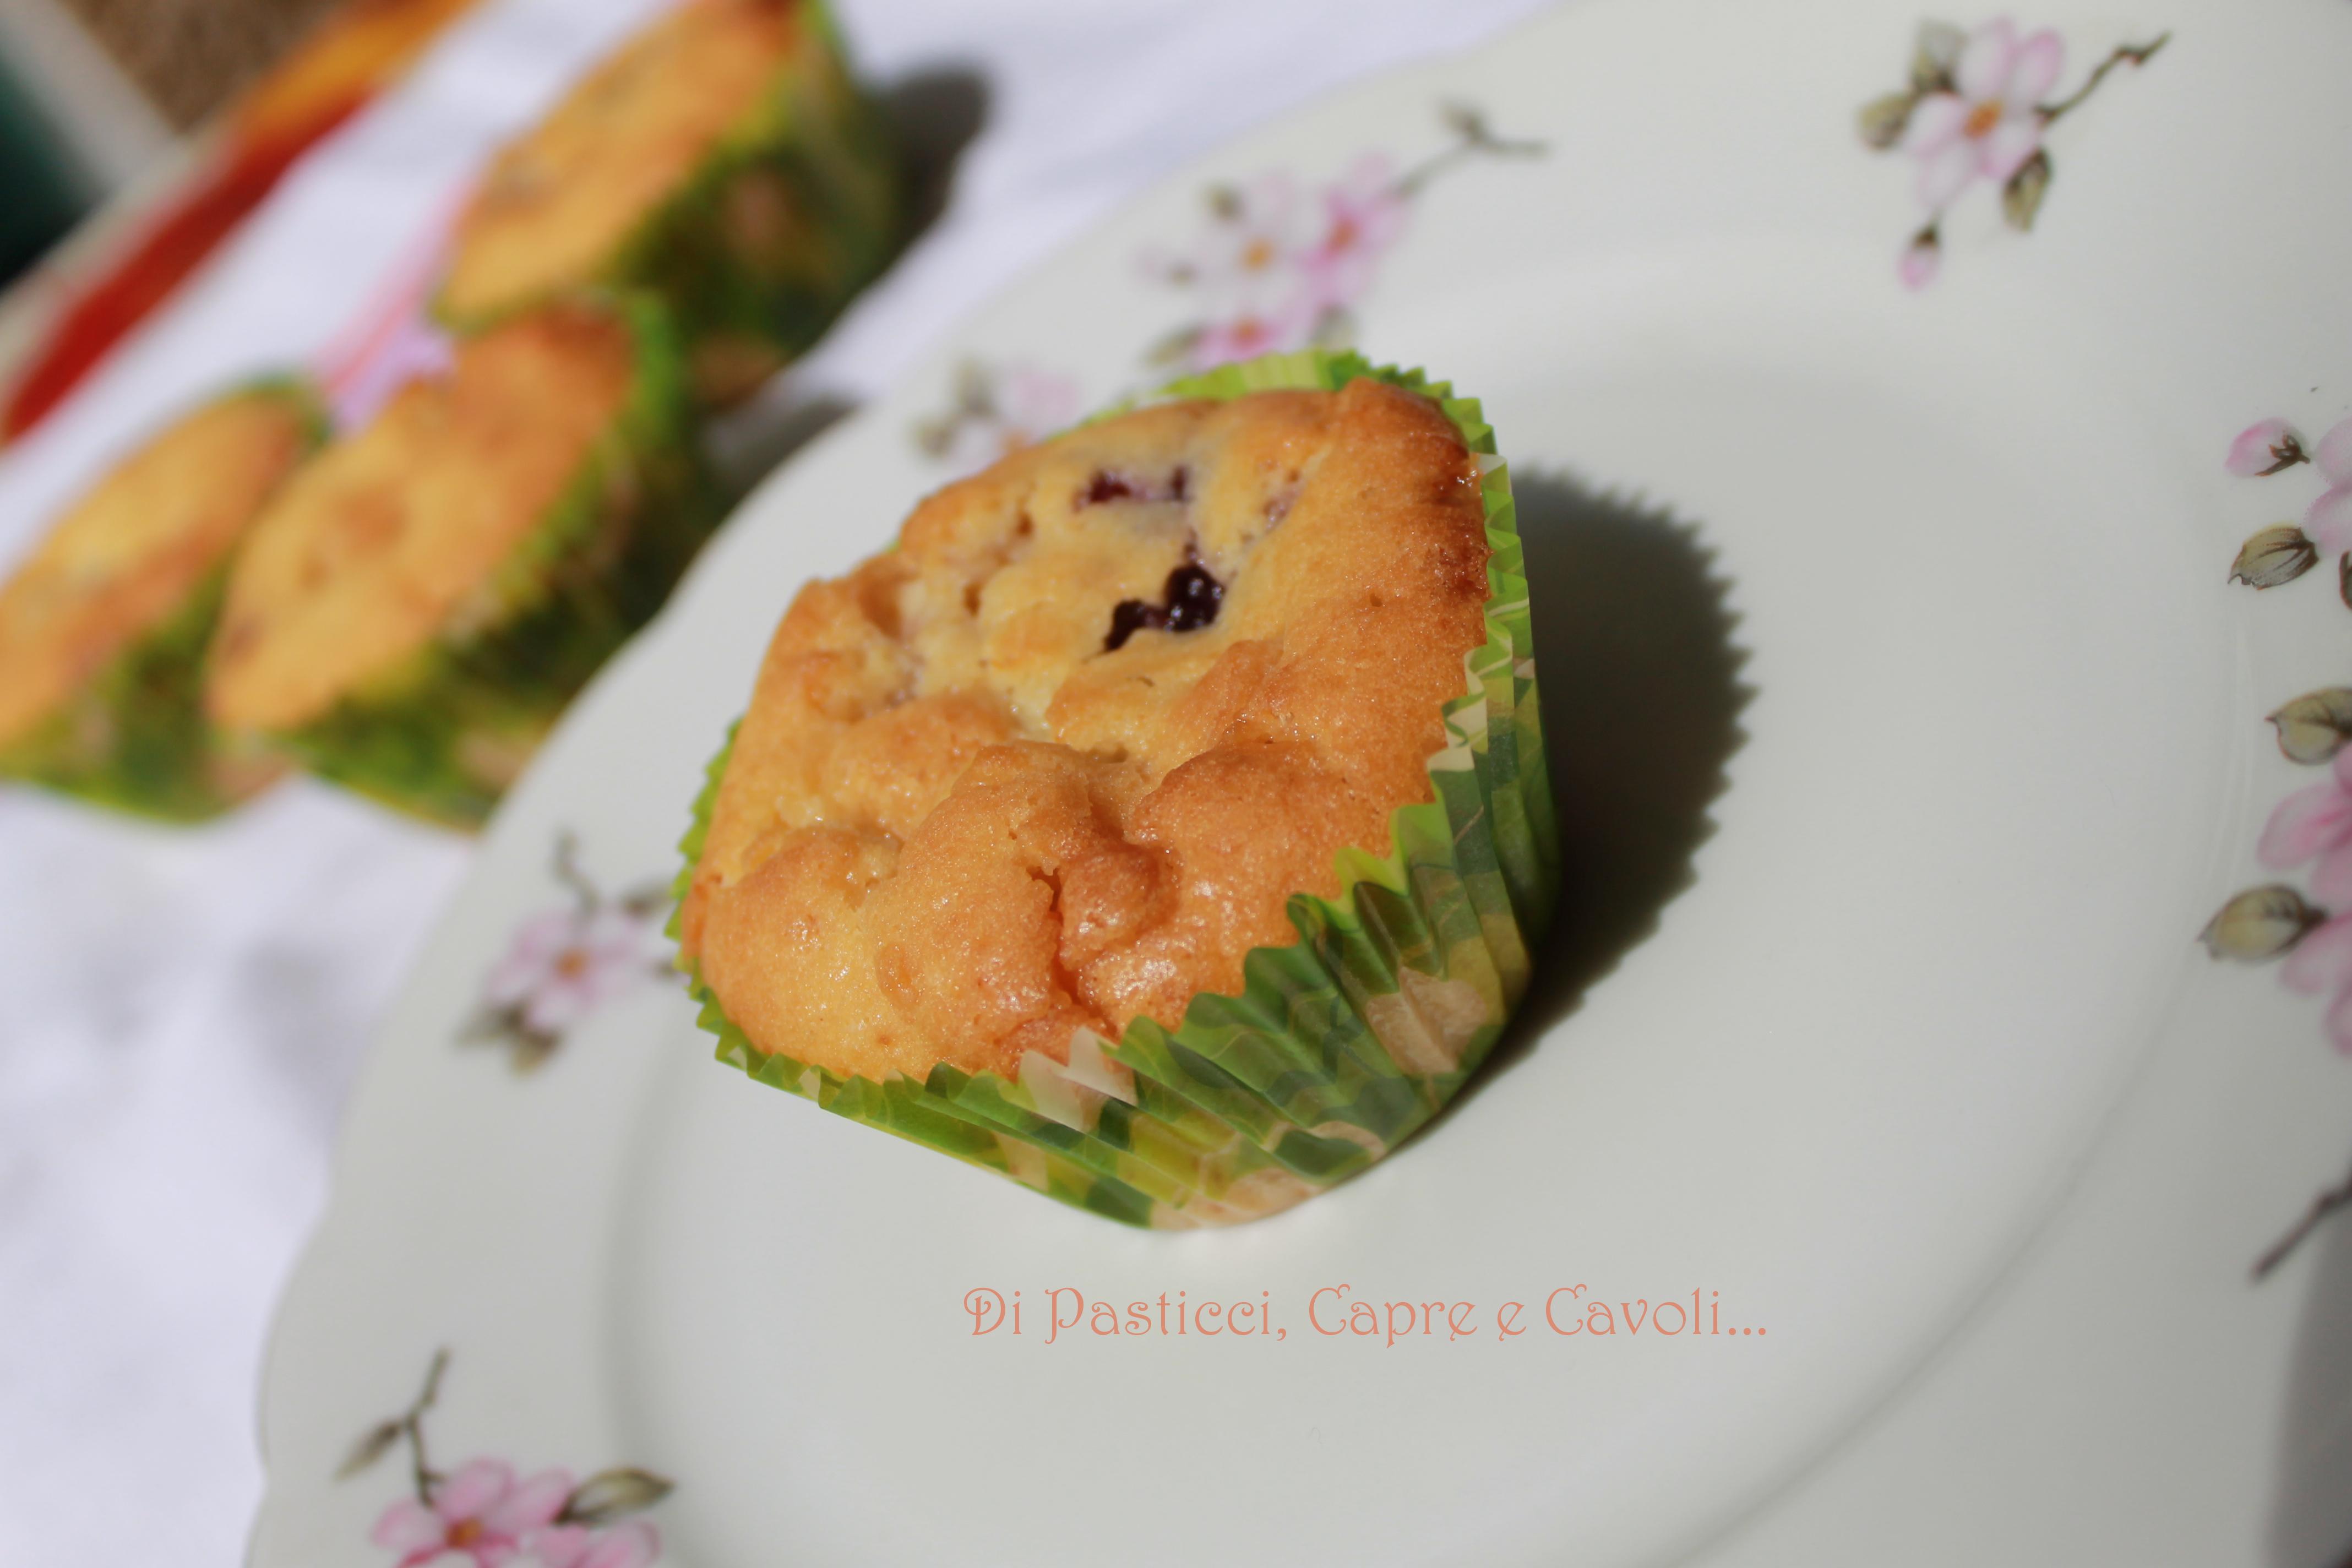 Muffin al Cioccolato Bianco con Marmellata di More